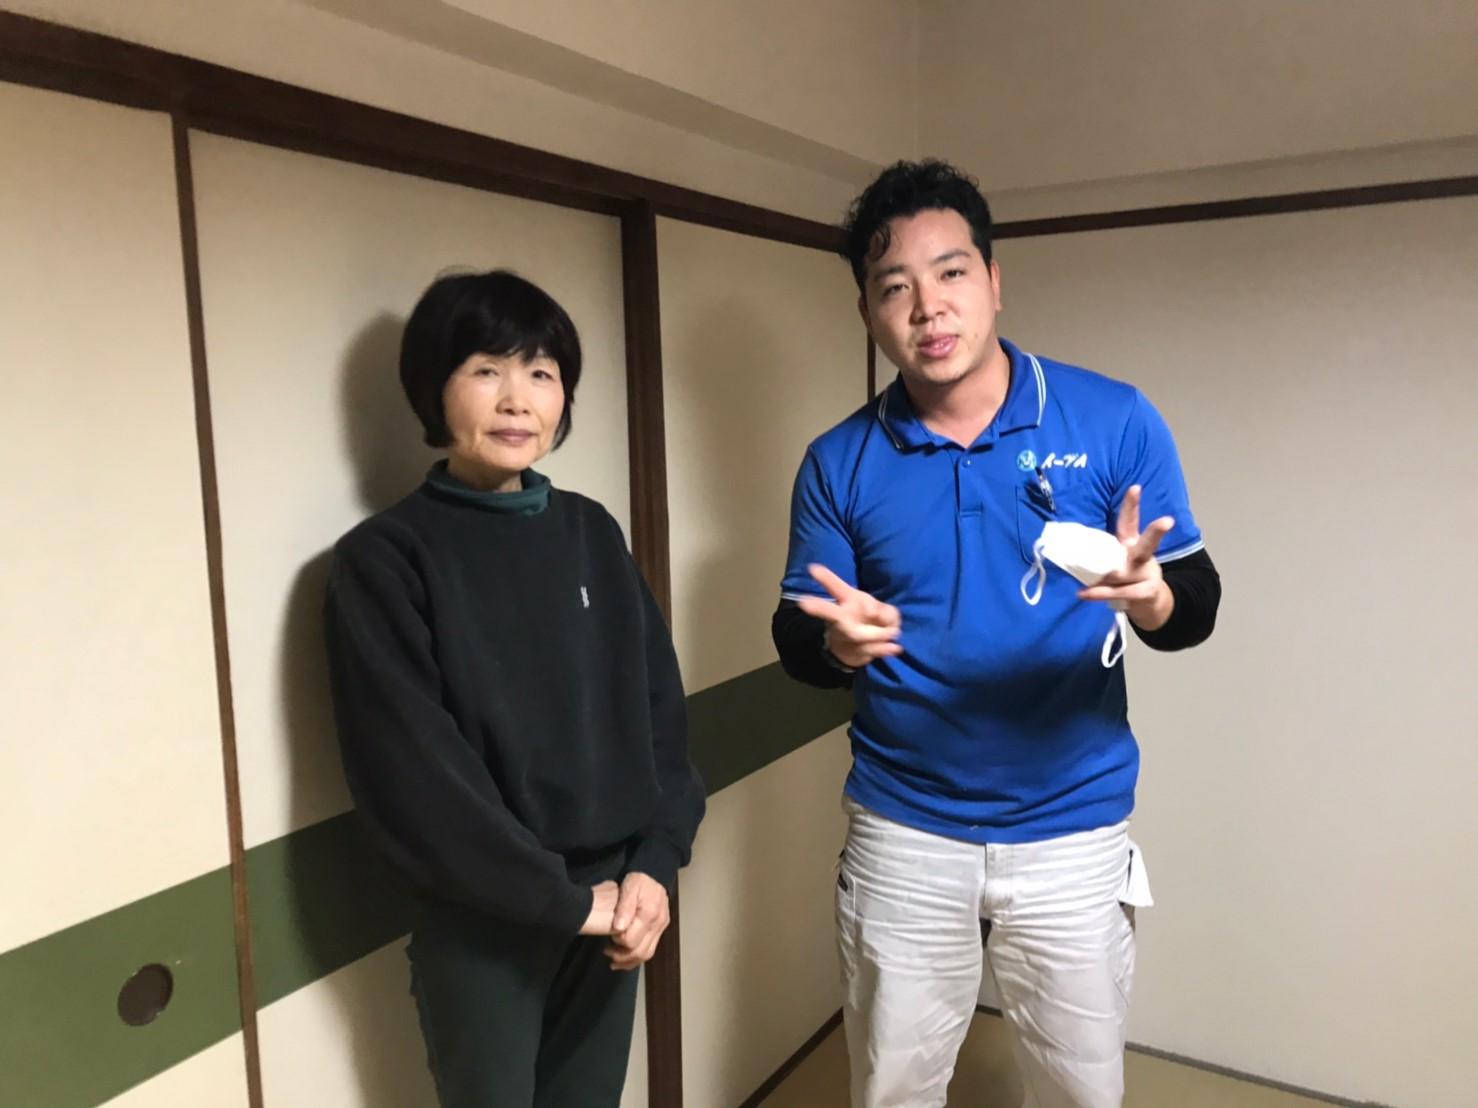 大阪府大阪市東淀川区で大型家具の処分でイーブイをご利用して頂きました。